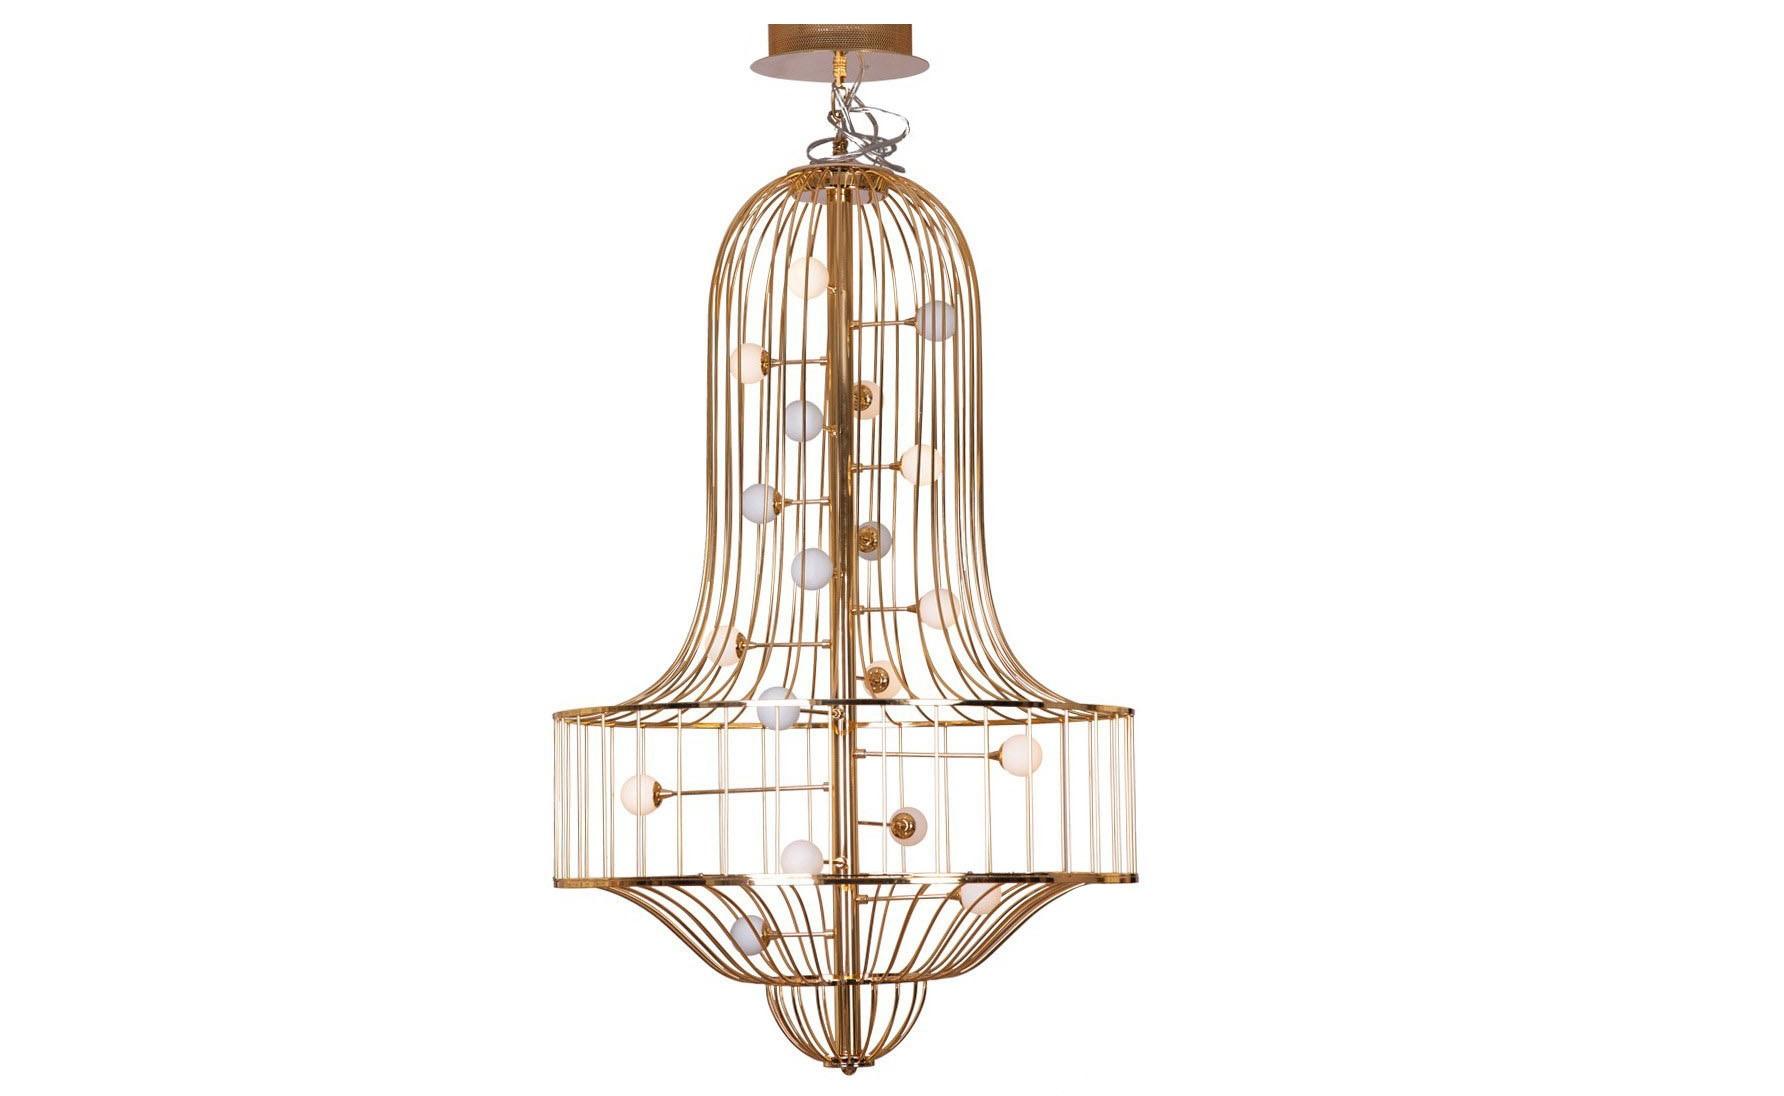 Подвесной светильник ЛуиджиПодвесные светильники<br>Подвесной светильник Луиджи вызывает удивление и восторг с первого взгляда. Роскошная люстра выполнена из металла и стекла, и это сочетание материалов делает ее современной и очень стильной. Внешний облик подвеса и его эффектное свечение наполняет интерьер волшебной и уютной атмосферой. Излучаемый свет, подобно музыке, очаровывает и успокаивает. А форма подвеса вызывает в воображении подобие музыкального ритма с его гармоничной завершенностью.<br><br>Оцените преображение Вашего интерьера с появлением необычного стильного света. Дизайнерская люстра имеет интересный облик и наверняка будет по достоинству оценена любителями современного освещения. Грациозное творение не только приковывает к себе взгляды, но и удивляет своей функциональностью.&amp;lt;div&amp;gt;&amp;lt;br&amp;gt;&amp;lt;/div&amp;gt;&amp;lt;div&amp;gt;Вид цоколя: G4&amp;lt;div&amp;gt;Мощность лампы: 20W&amp;lt;/div&amp;gt;&amp;lt;div&amp;gt;Количество ламп: 19&amp;lt;/div&amp;gt;&amp;lt;/div&amp;gt;<br><br>Material: Металл<br>Width см: None<br>Depth см: None<br>Height см: 135<br>Diameter см: 70